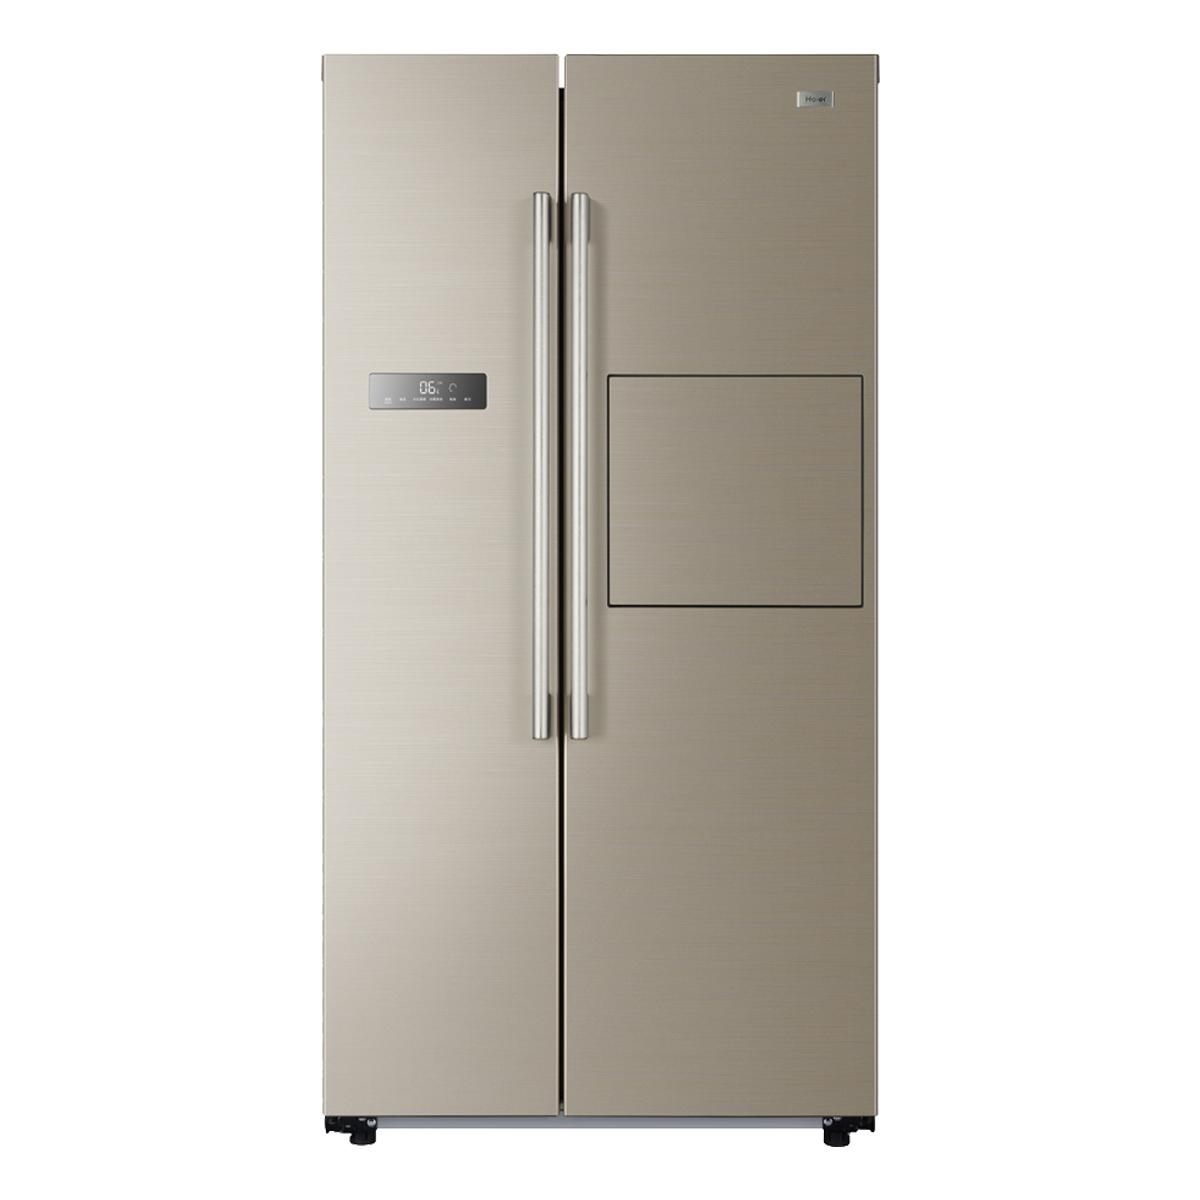 海尔Haier冰箱 BCD-581WBPP 说明书